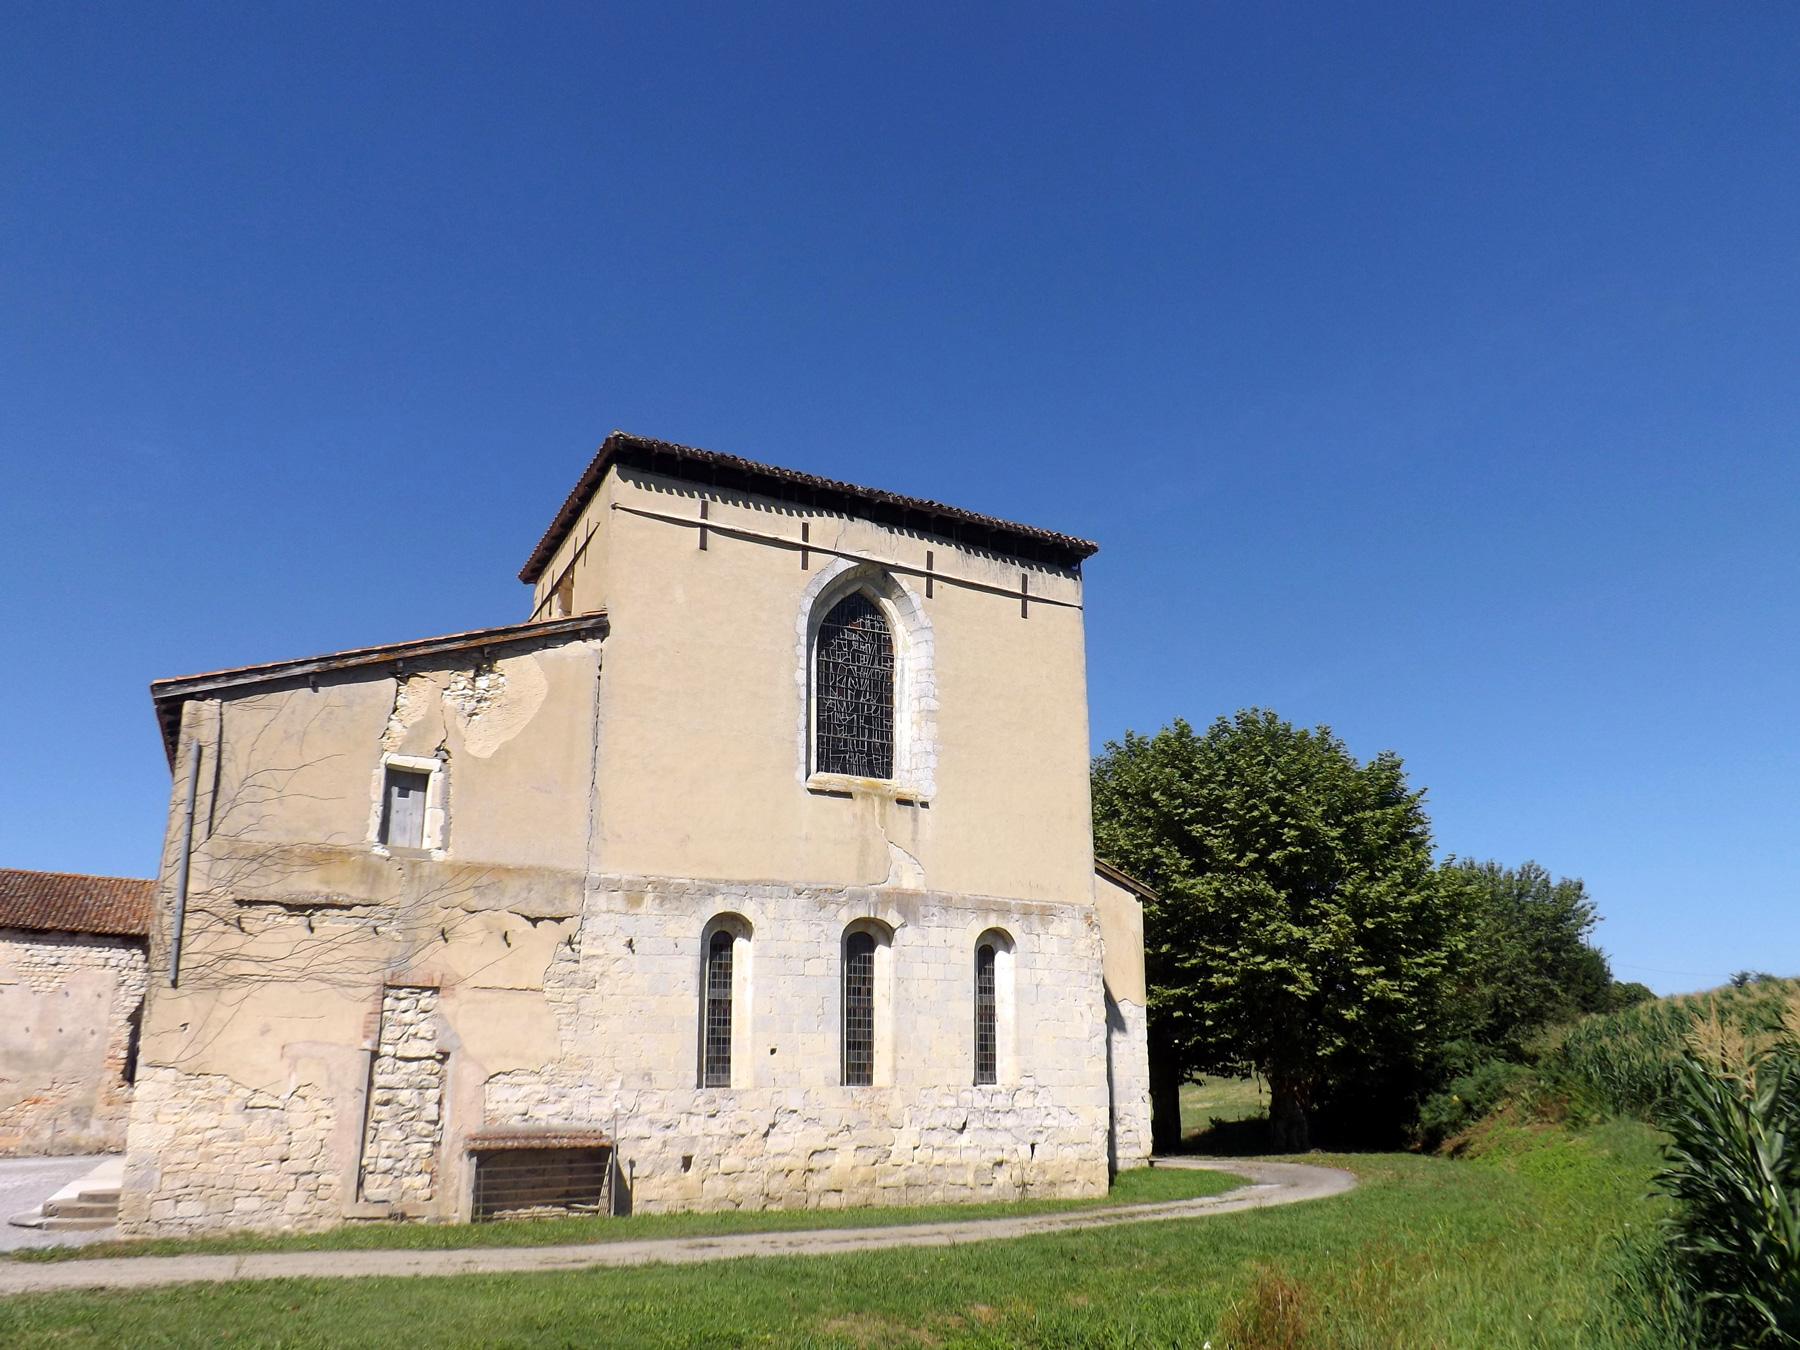 Eglise de Cagnotte